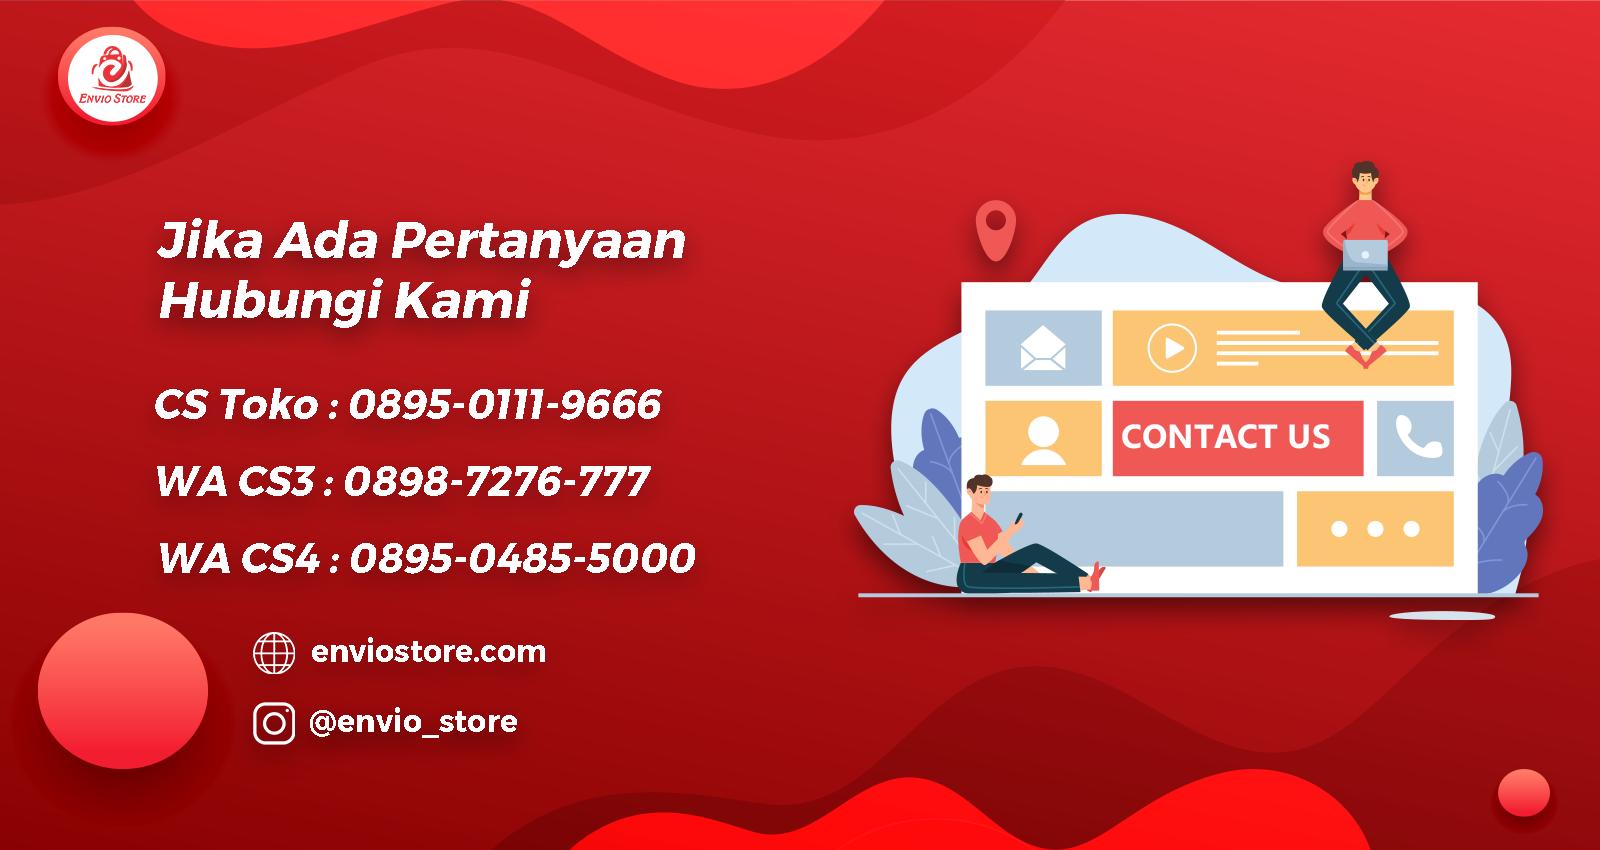 Contact CS